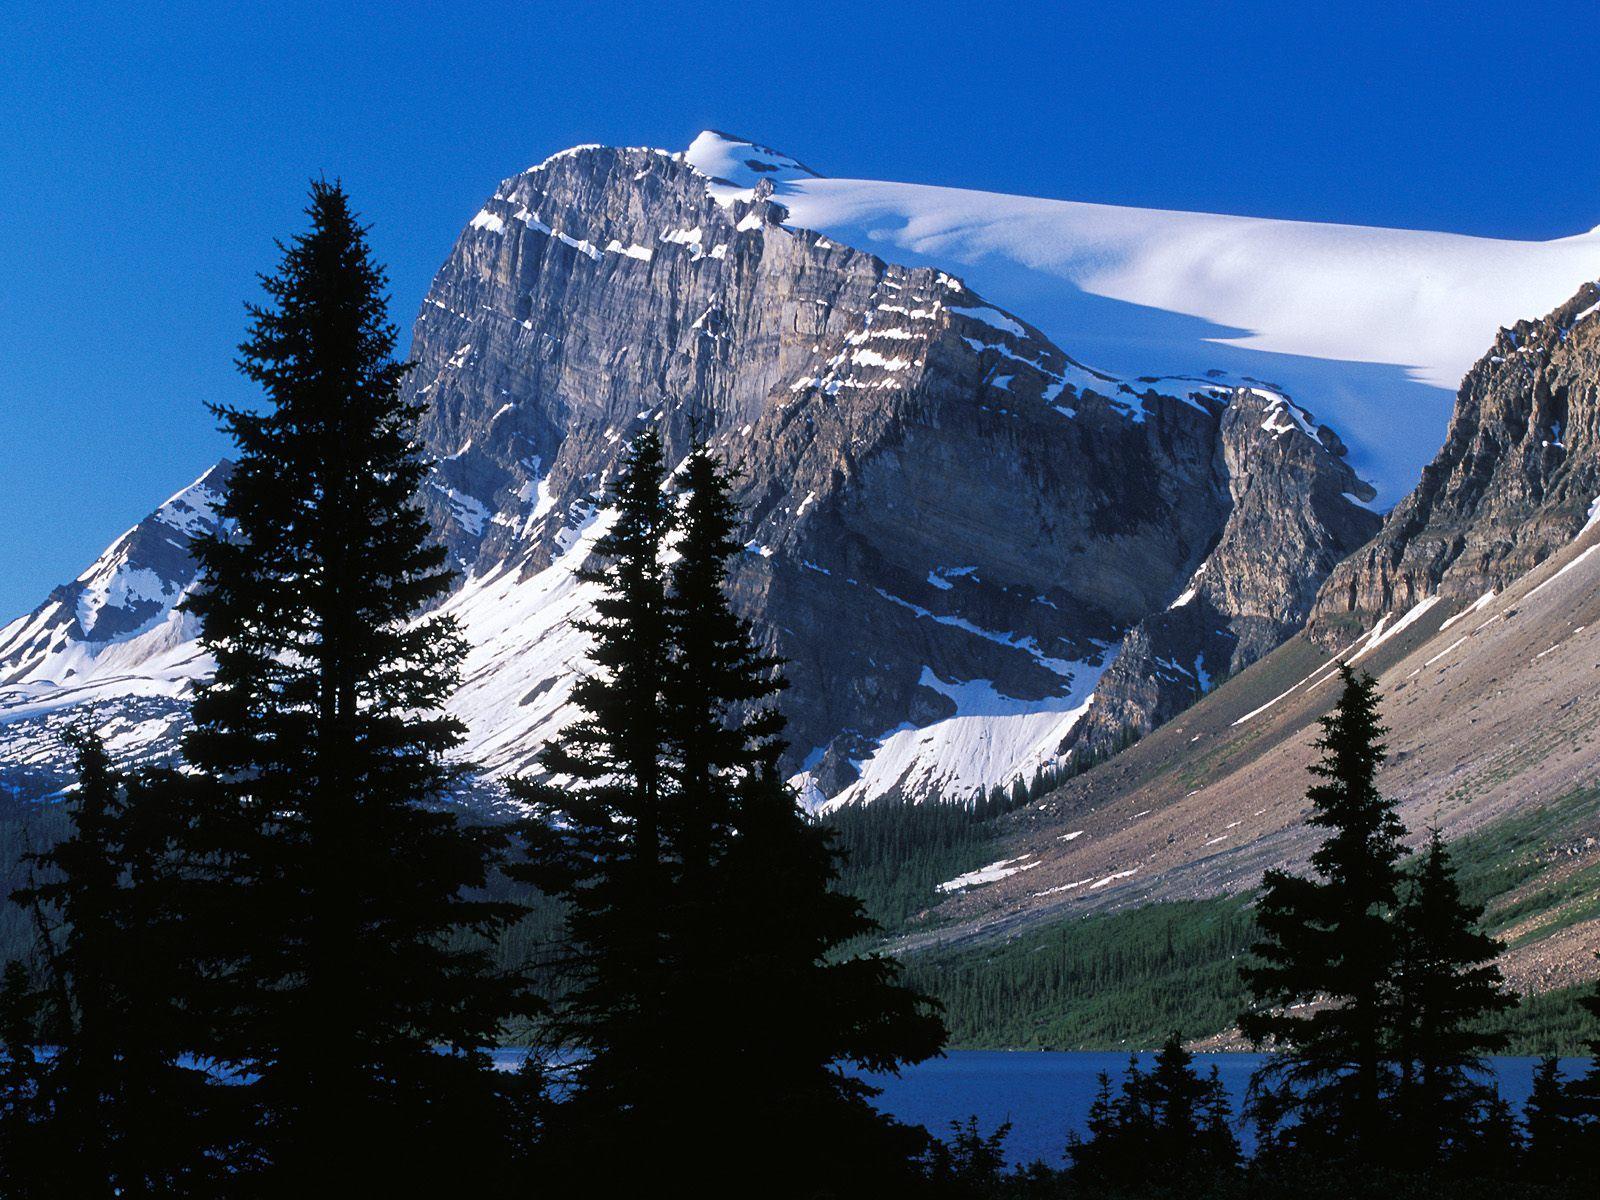 canada 178345 mountain peak canada 1600x1200 jpg mountain peak canada 1600x1200